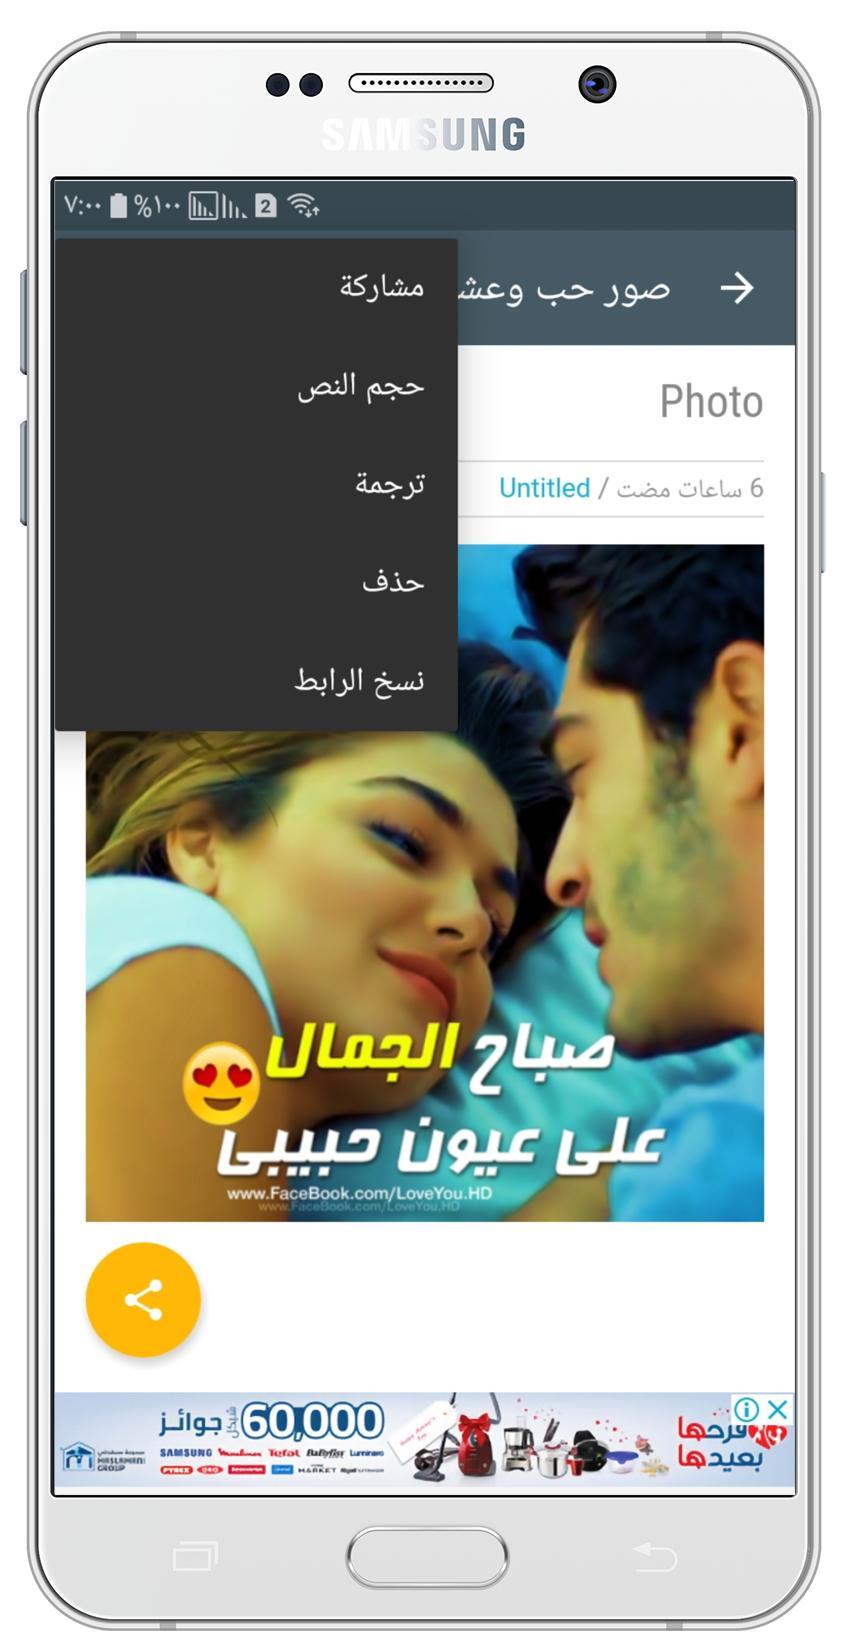 صور حب وعشق ورومانسيه مكتوب عليها متجددة 2018 Para Android